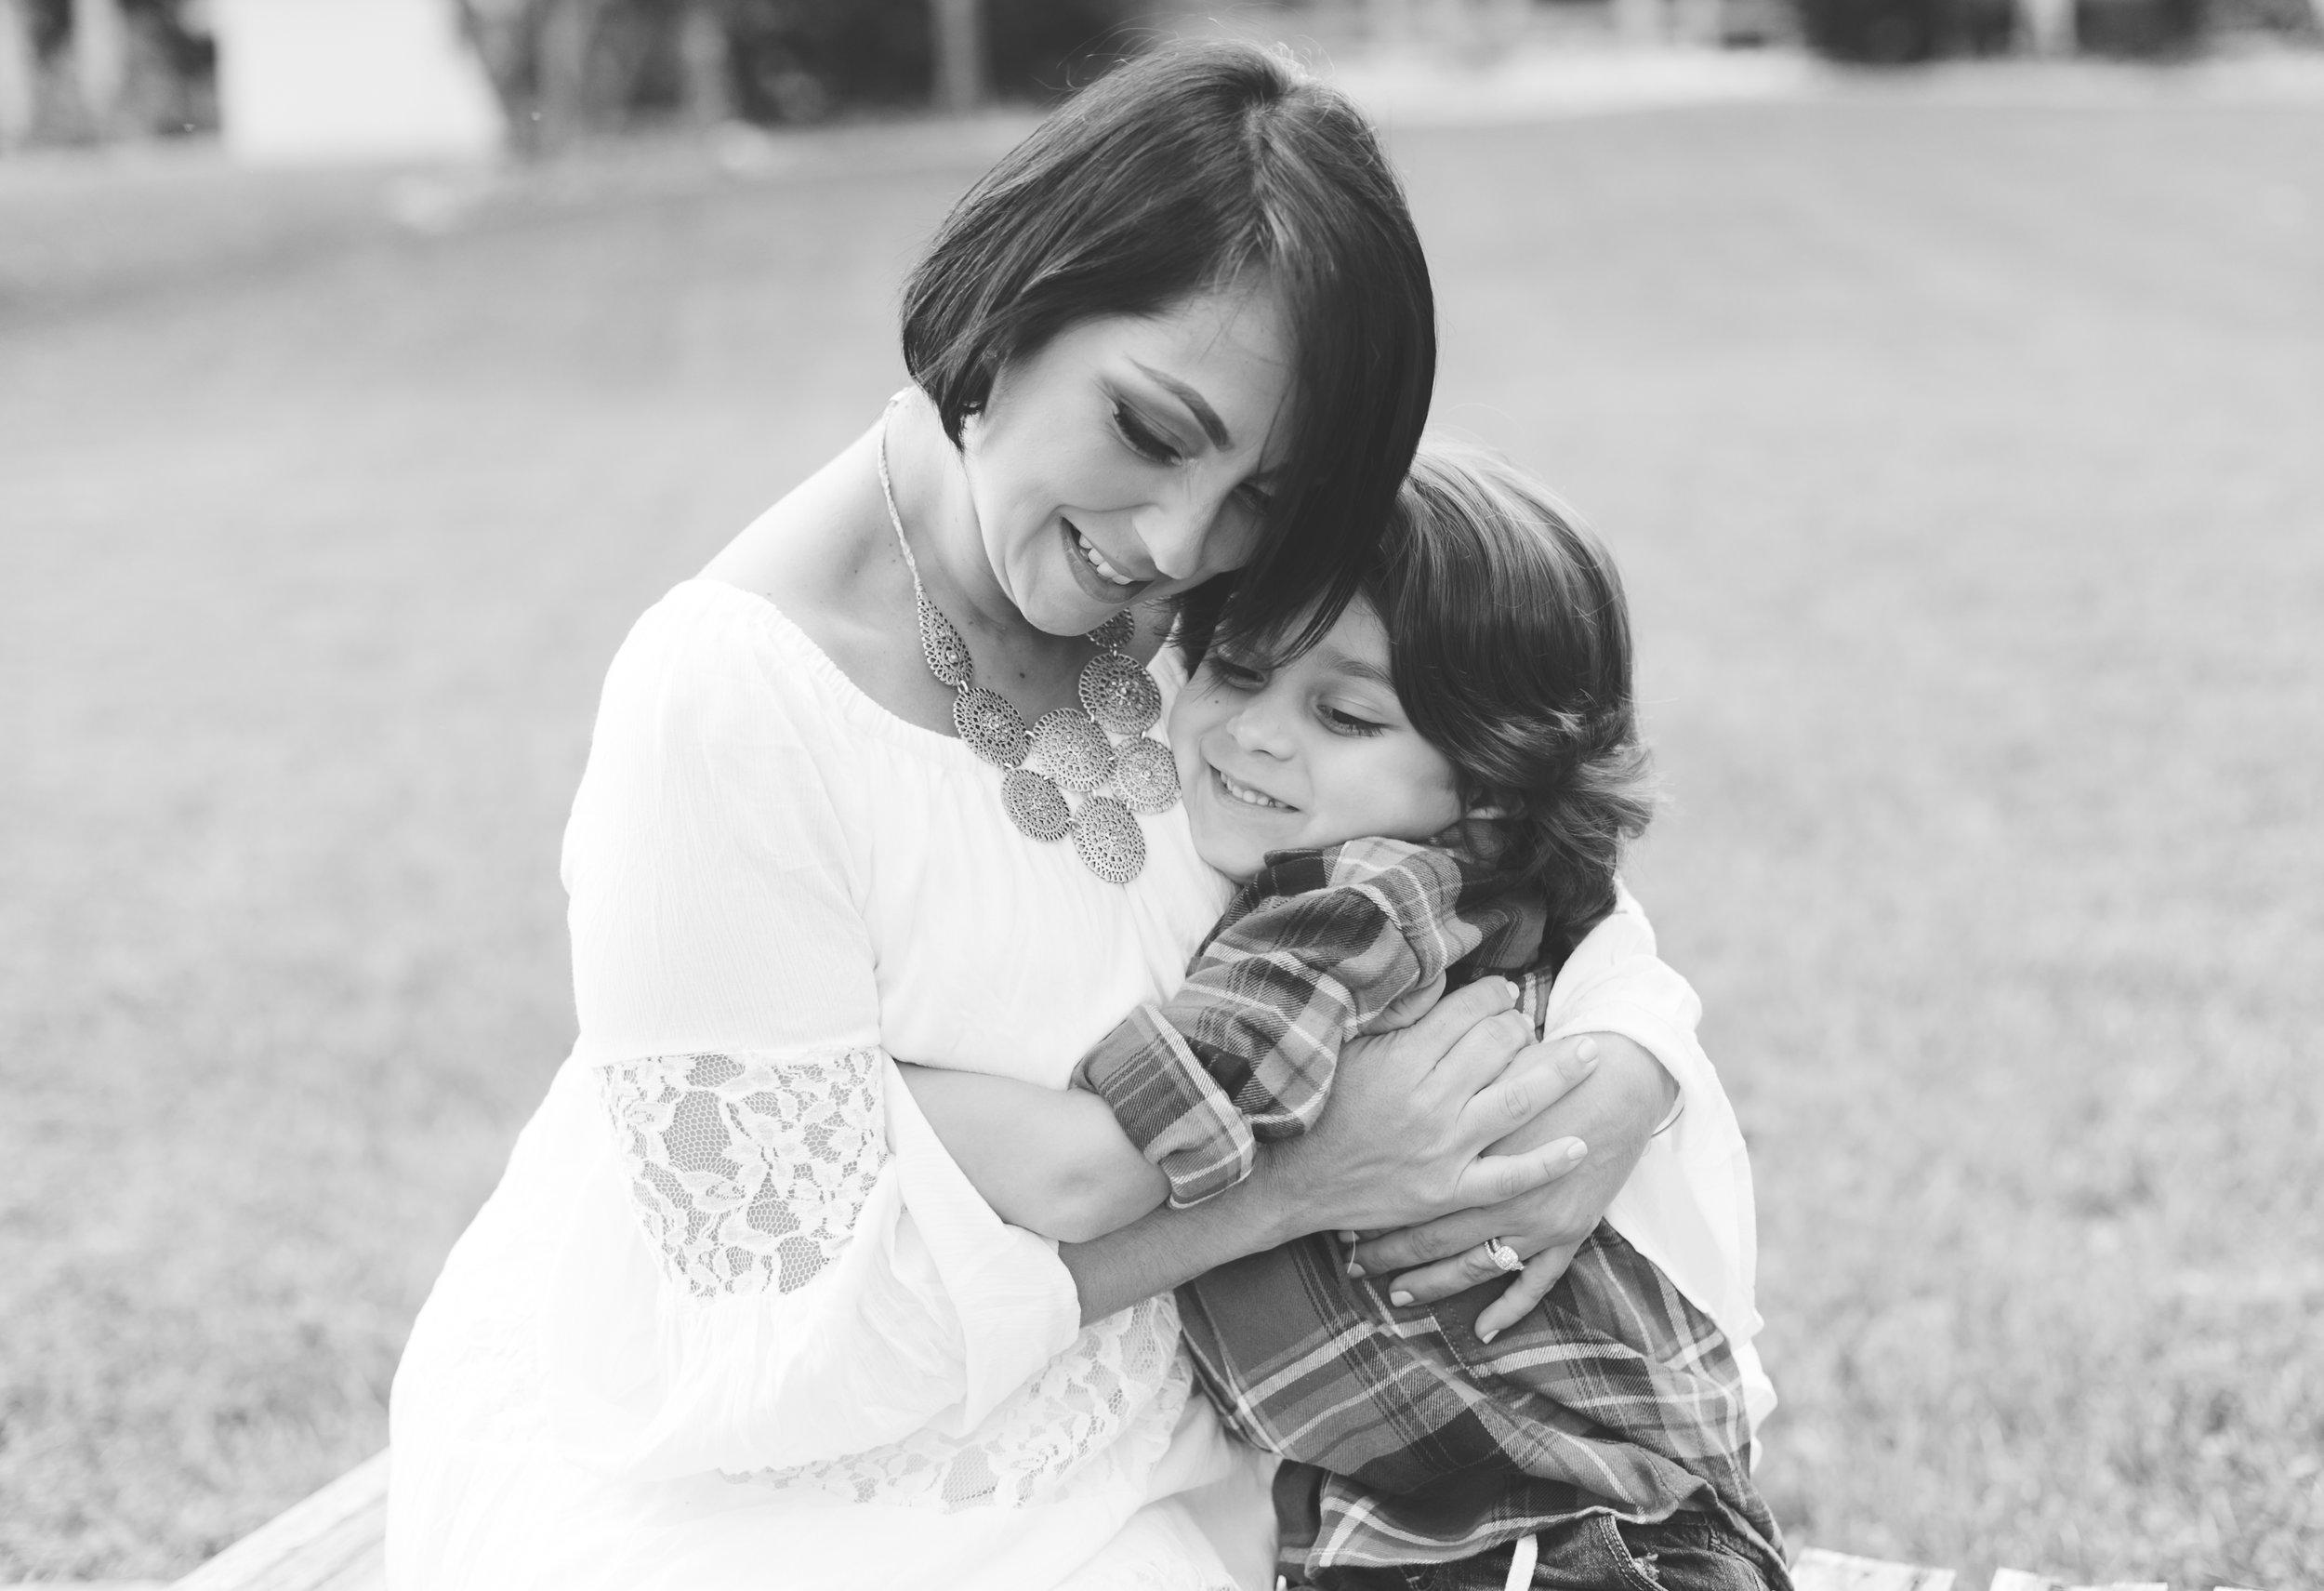 Portfolio-Lifestyle-07-Dipp_2017_02_10 Brenda Soto Family-7061.jpg